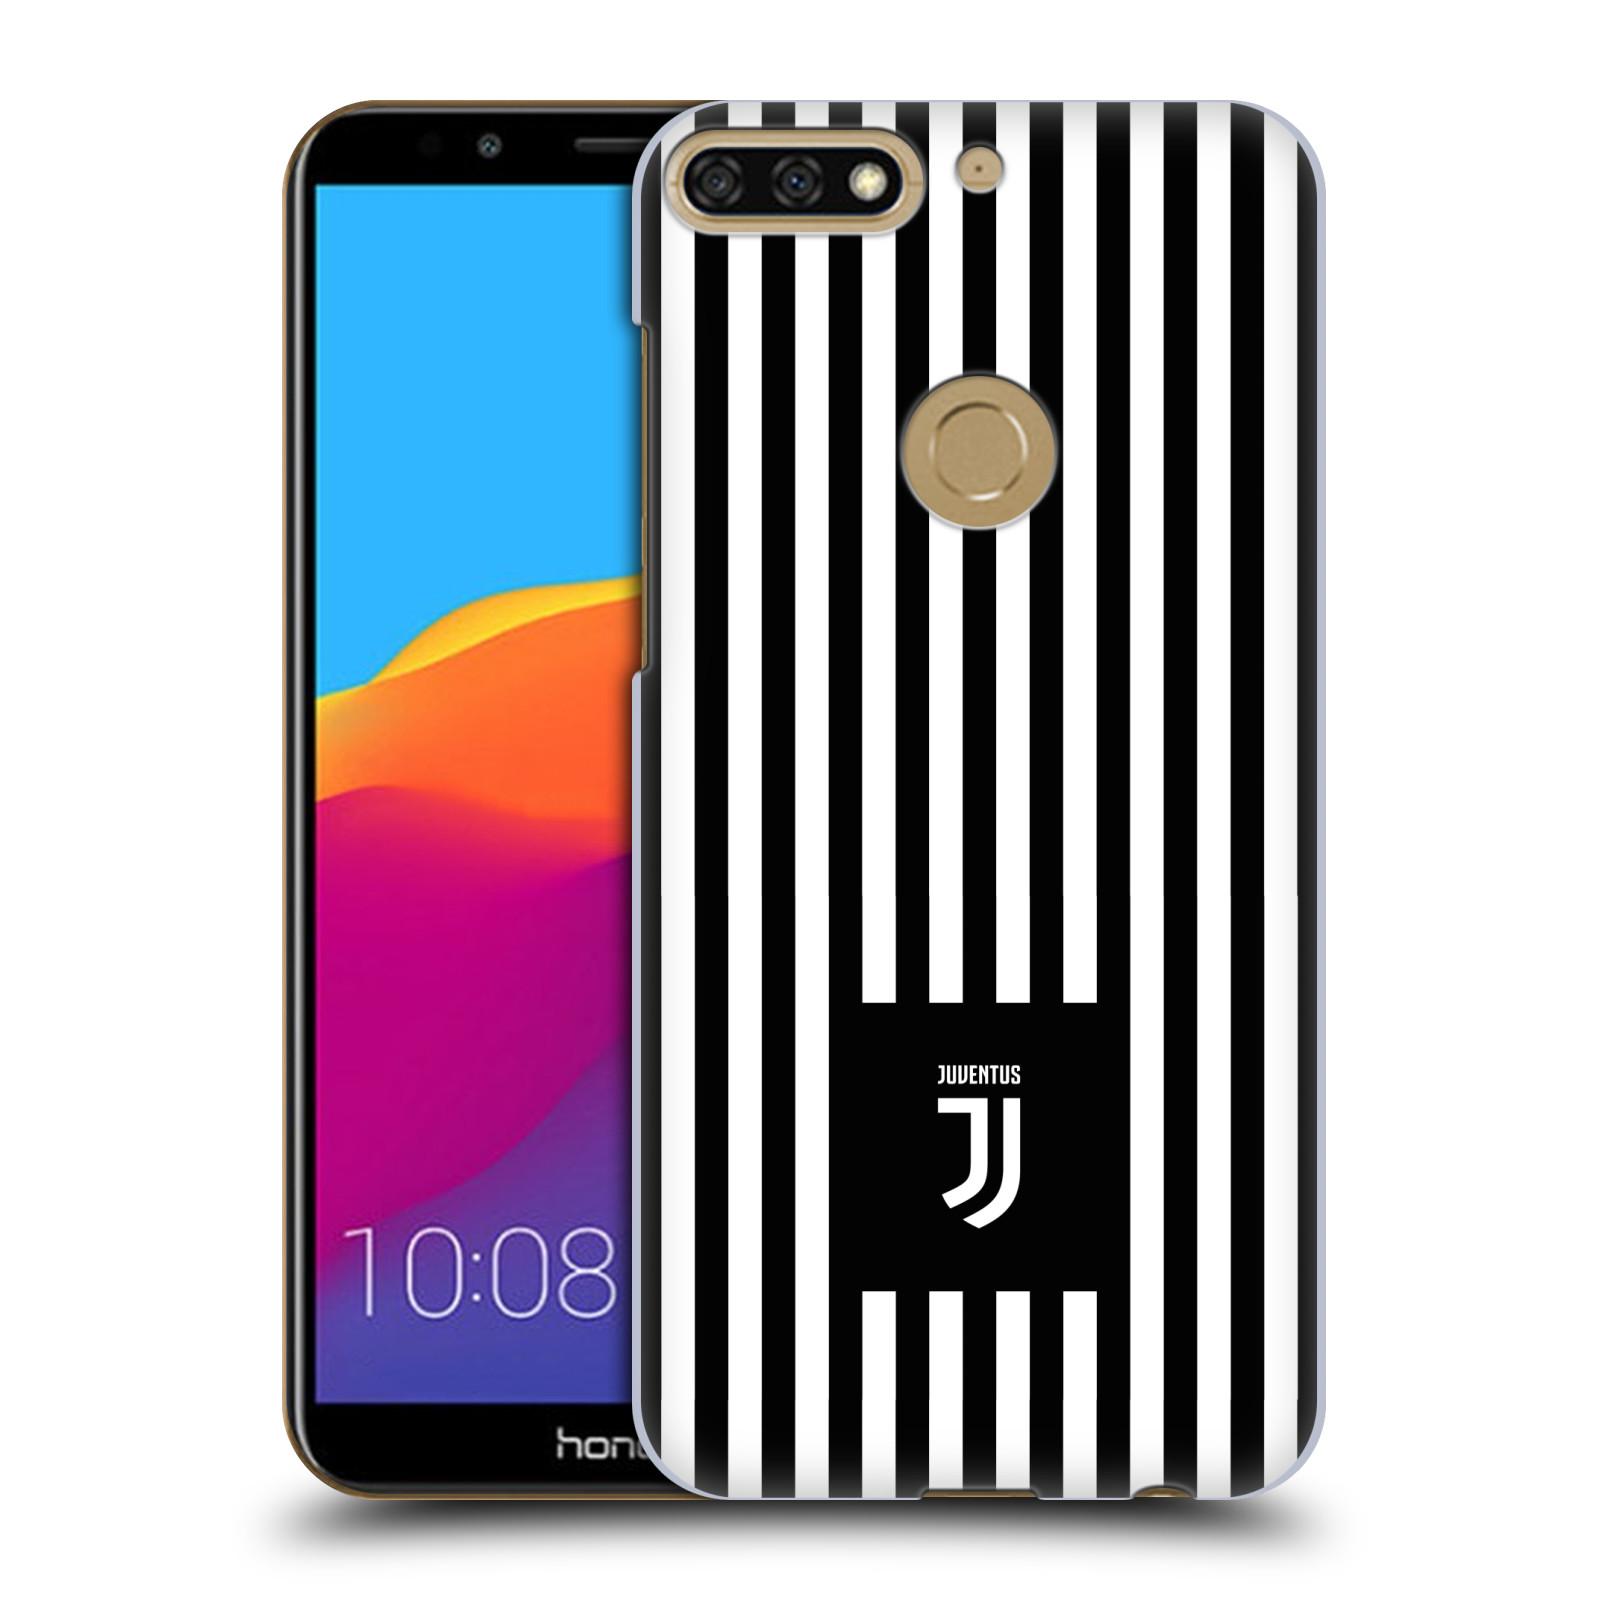 Plastové pouzdro na mobil Huawei Y7 Prime 2018 - Head Case - Juventus FC - Nové logo - Pruhy